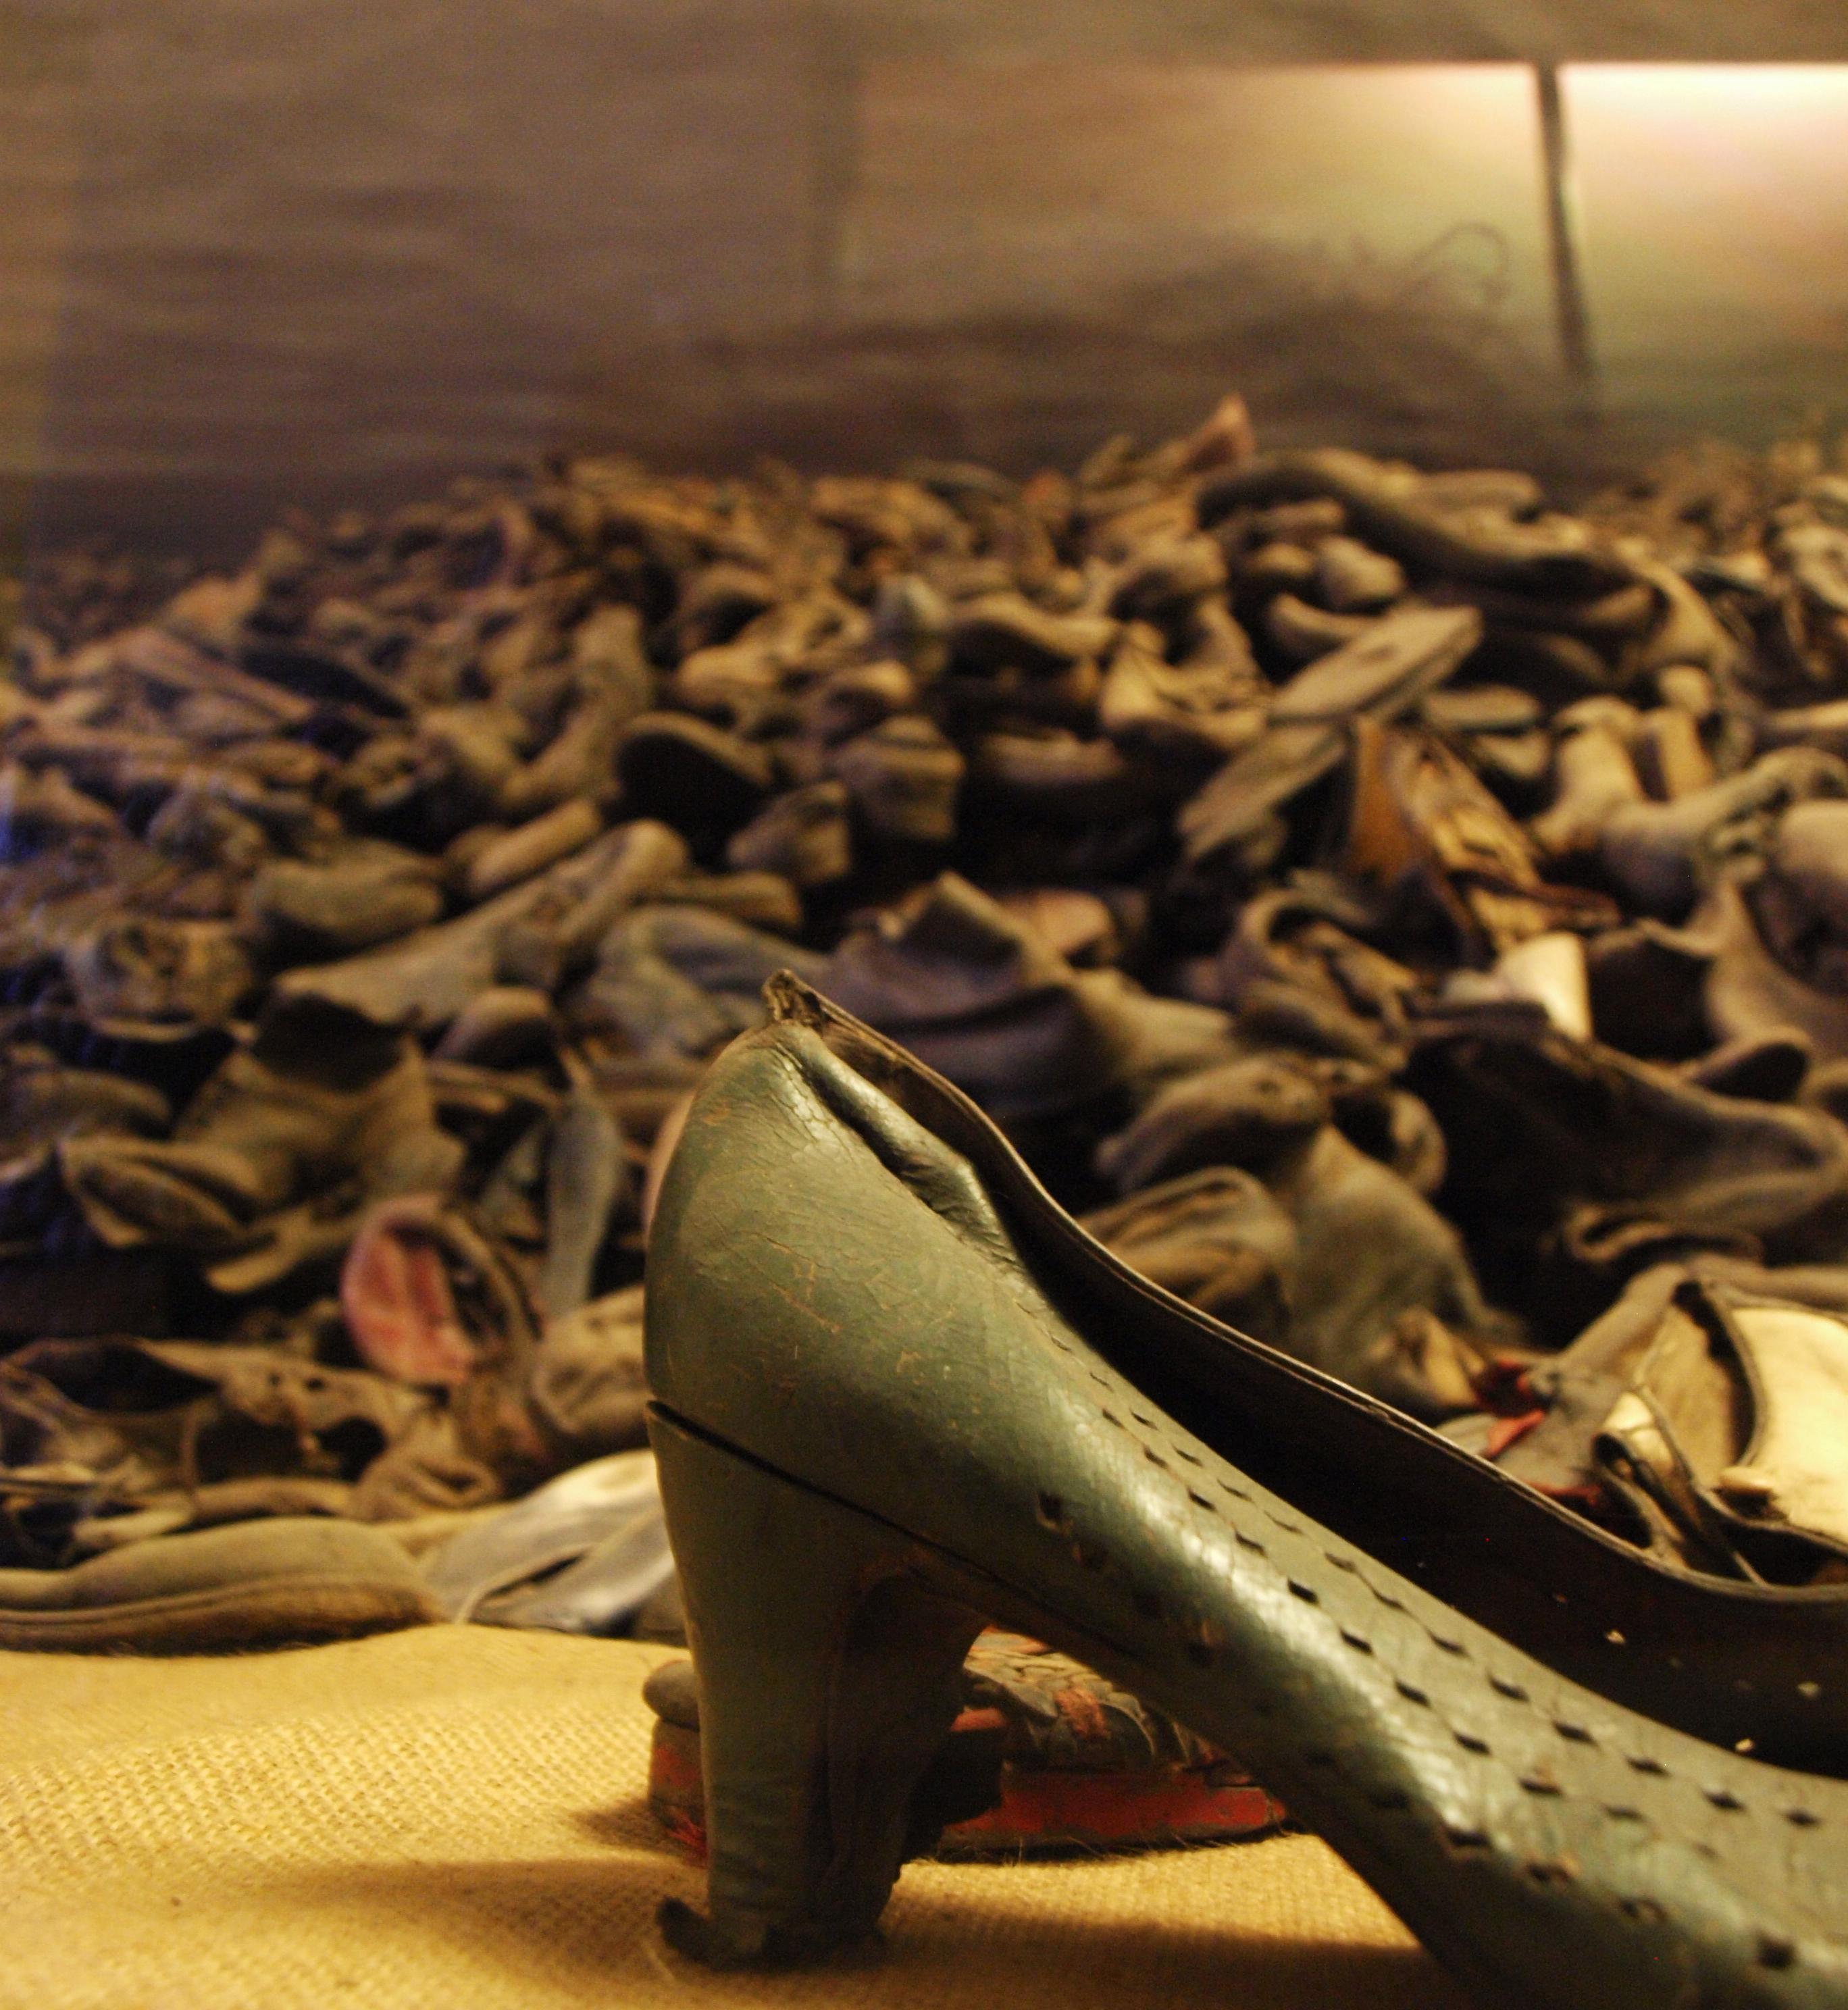 prostitutas babilonicas prostitutas campos concentración